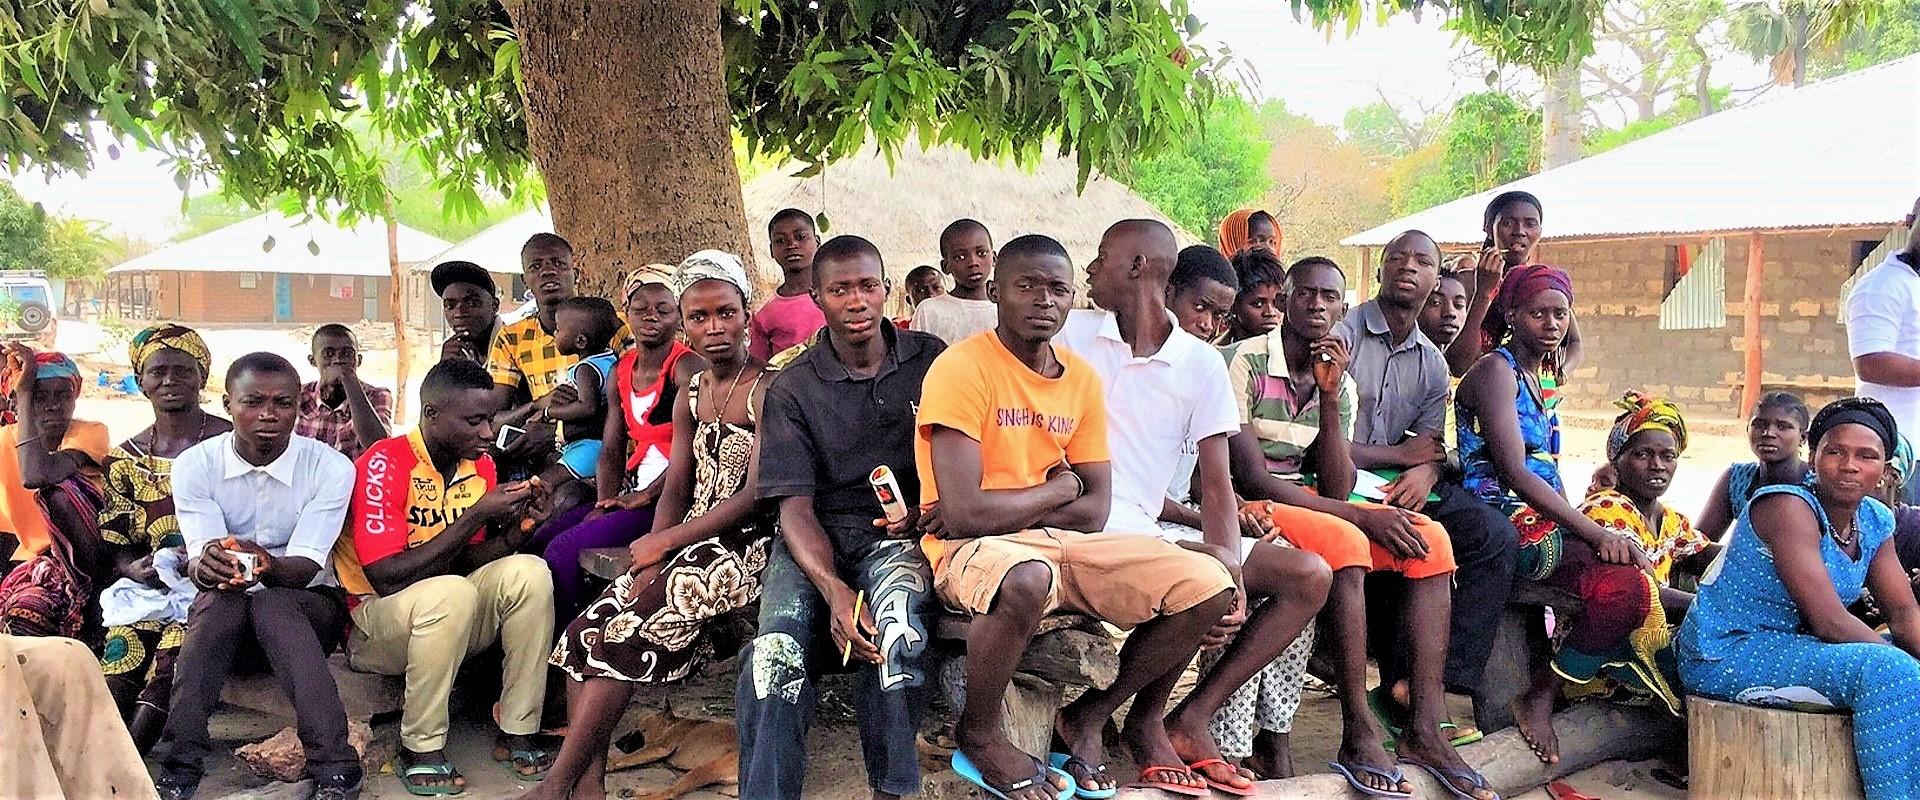 Riunione_Villaggio_Guinea_Bissau_Mani_Tese_2017